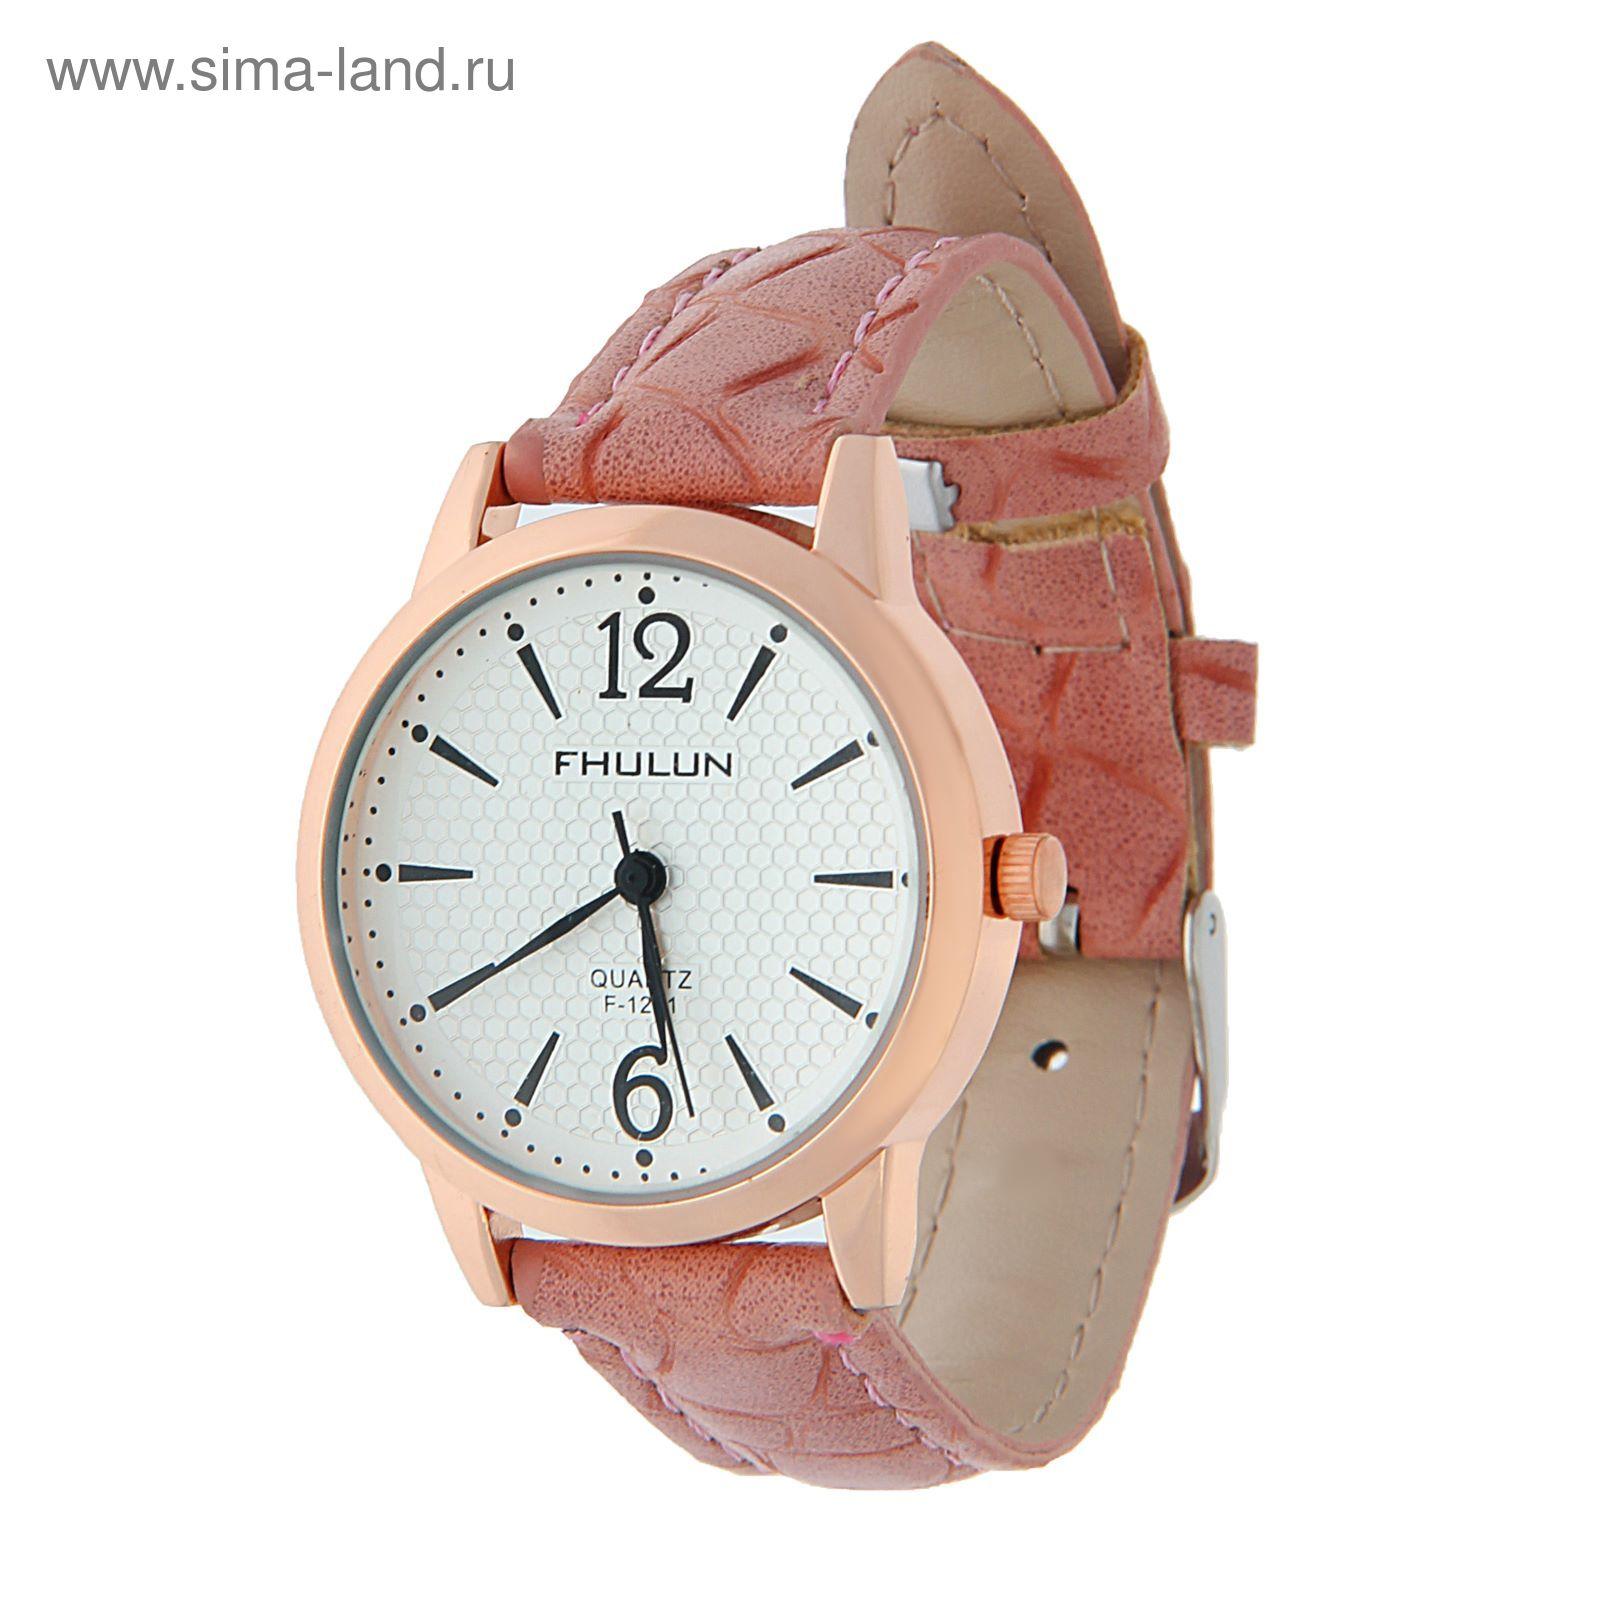 Женские наручные часы два циферблата новосибирск часы наручные купить в